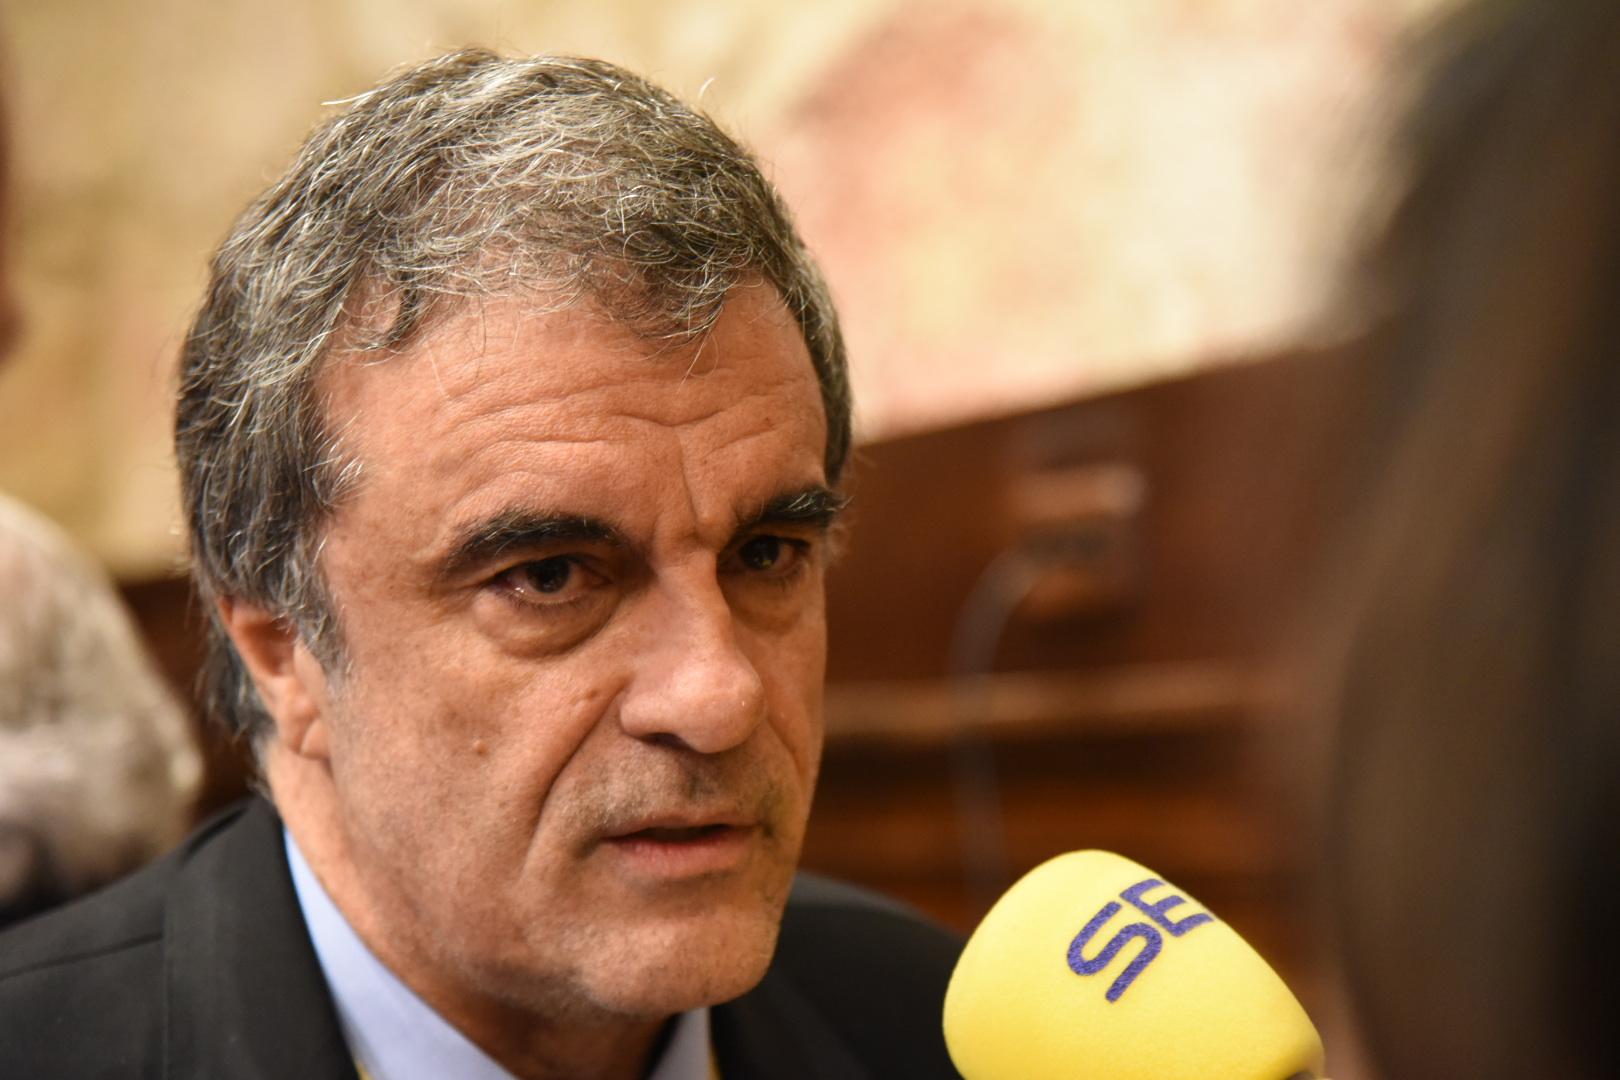 El exministro de justicia de Brasil participa en el congreso internacional para juristas que celebran la Universidad de Salamanca y la Universidad de São Paulo